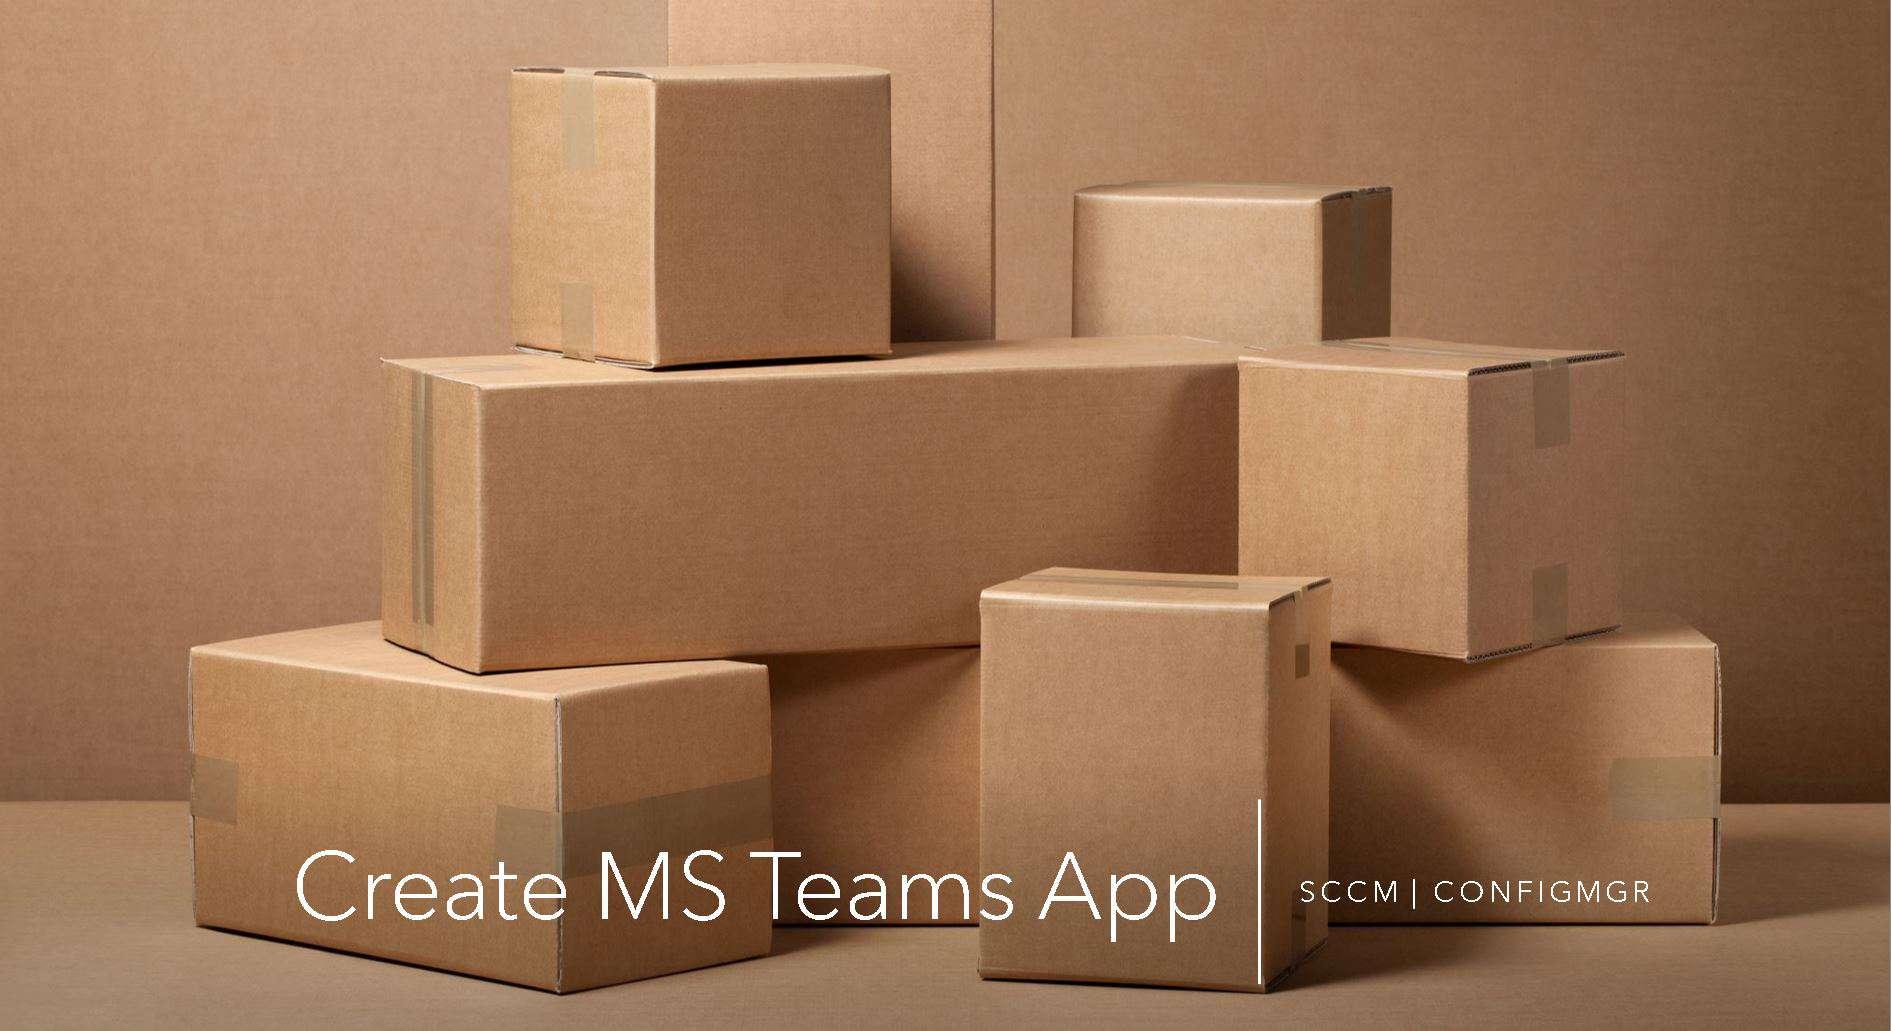 Deploy MS Teams using SCCM